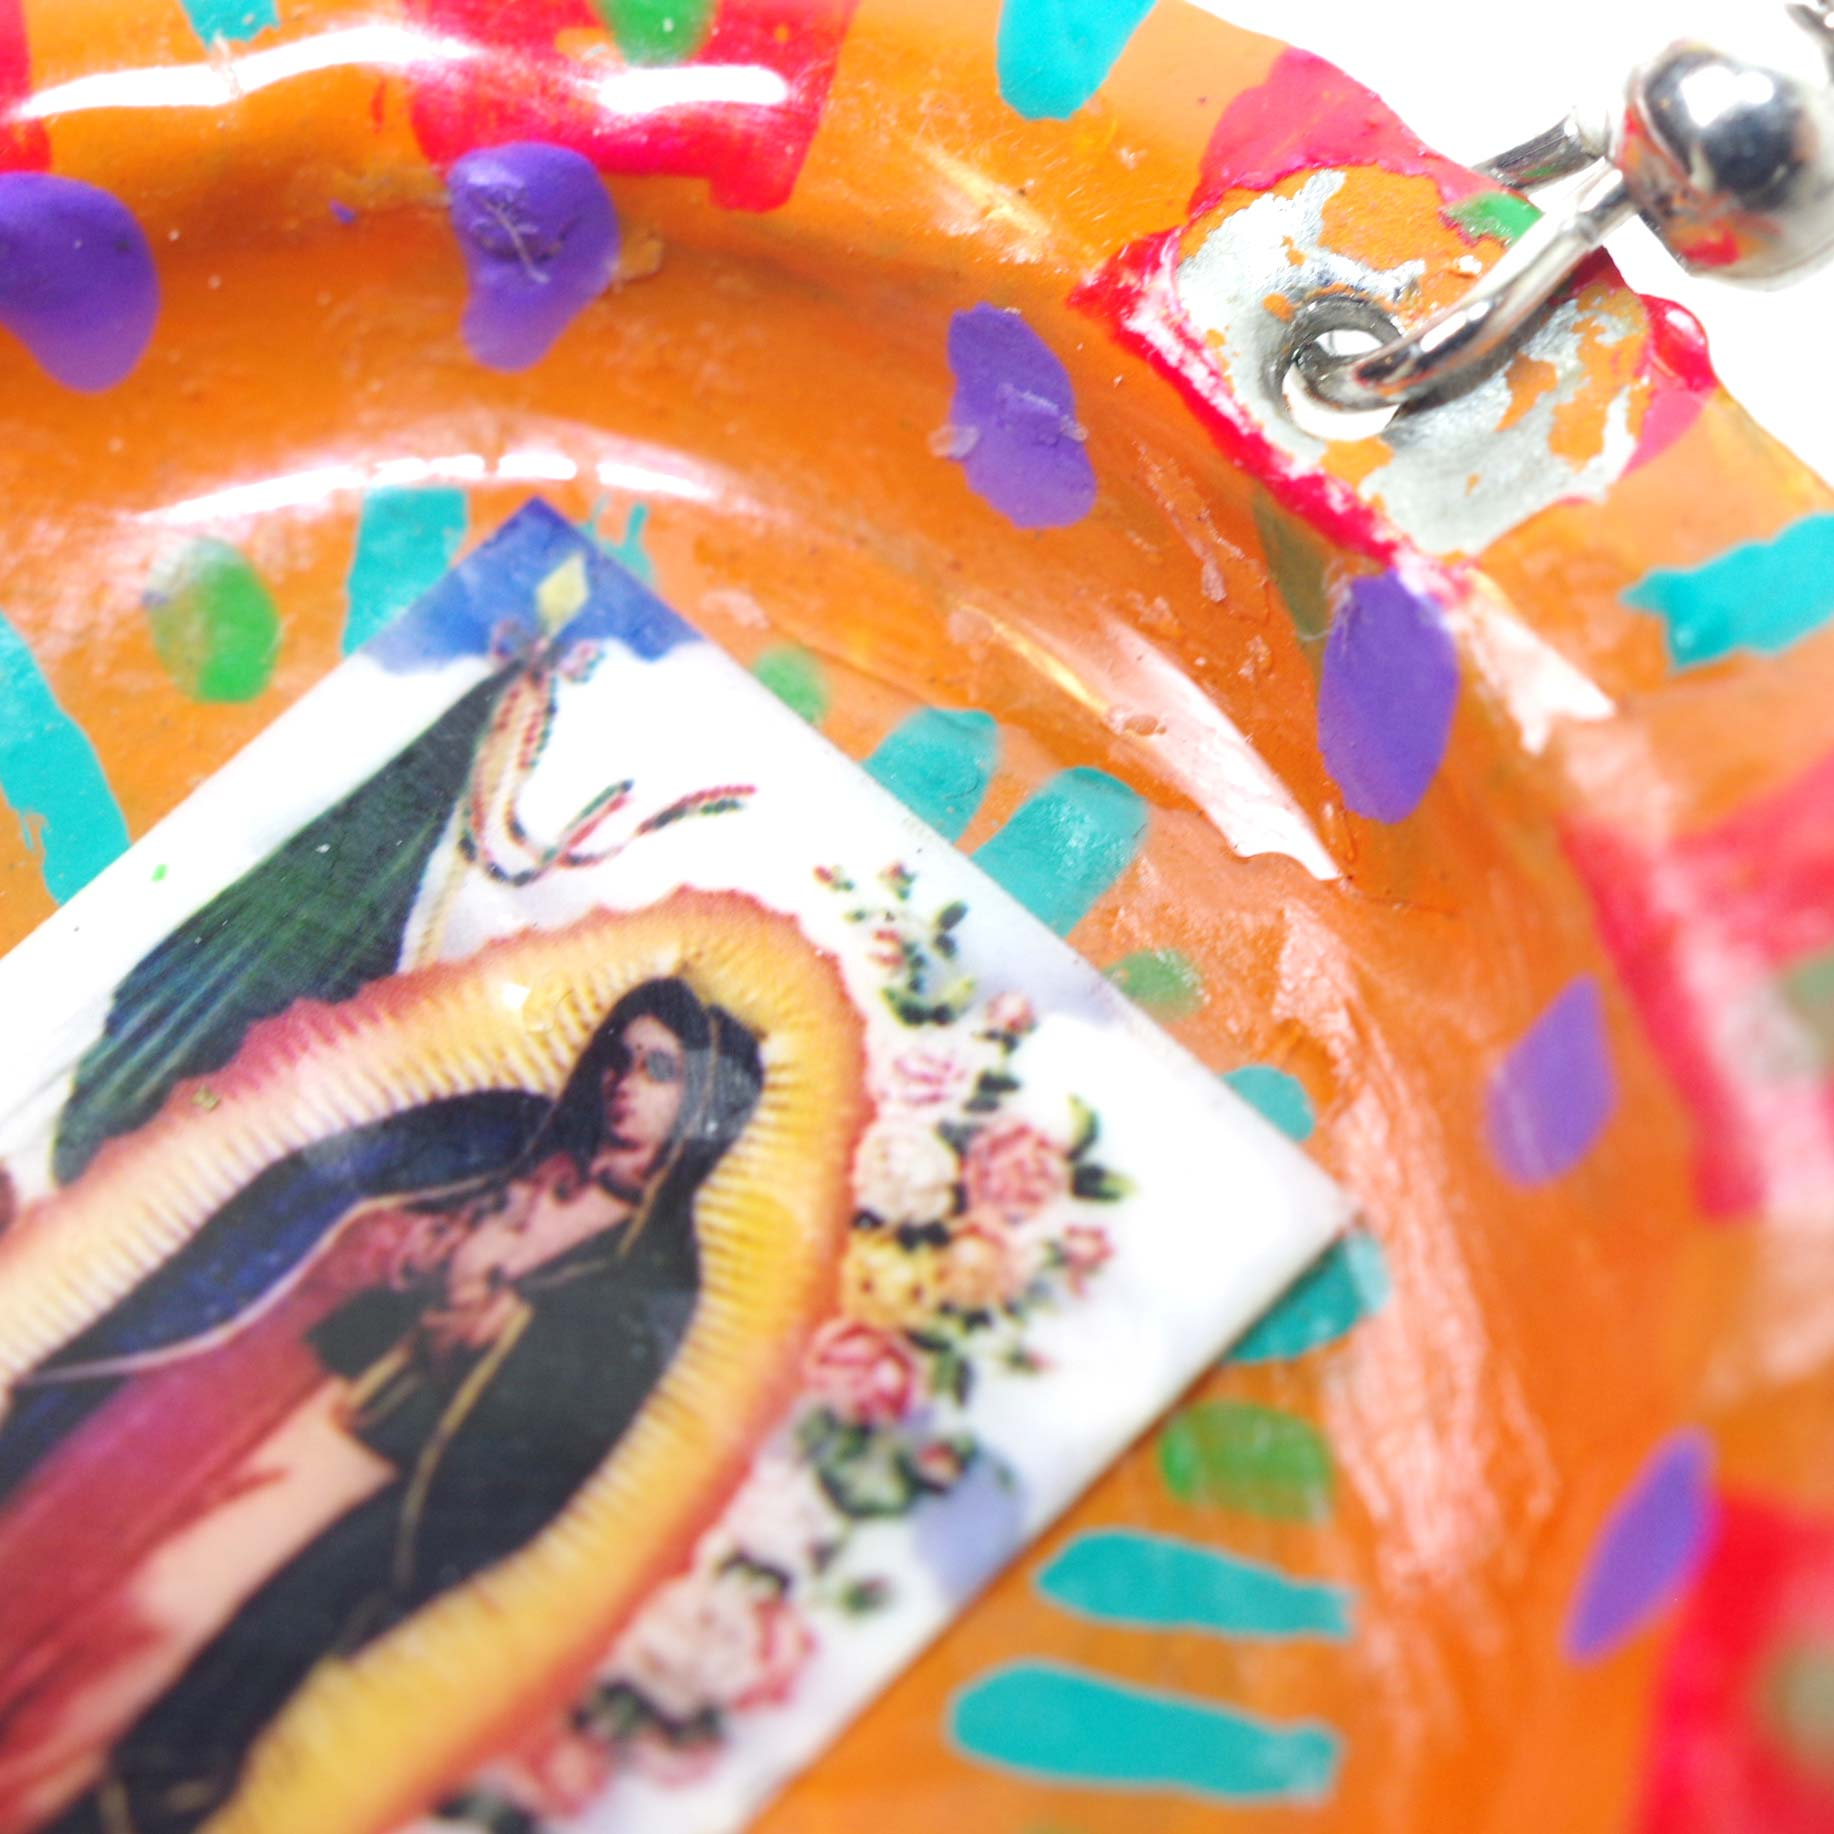 """""""王冠ピアス,王冠,マリア,マリア様,グアダルーペ,リサイクル,手描き,イヤリング,ピアス,メキシコ雑貨,メキシコ雑貨PAD"""""""